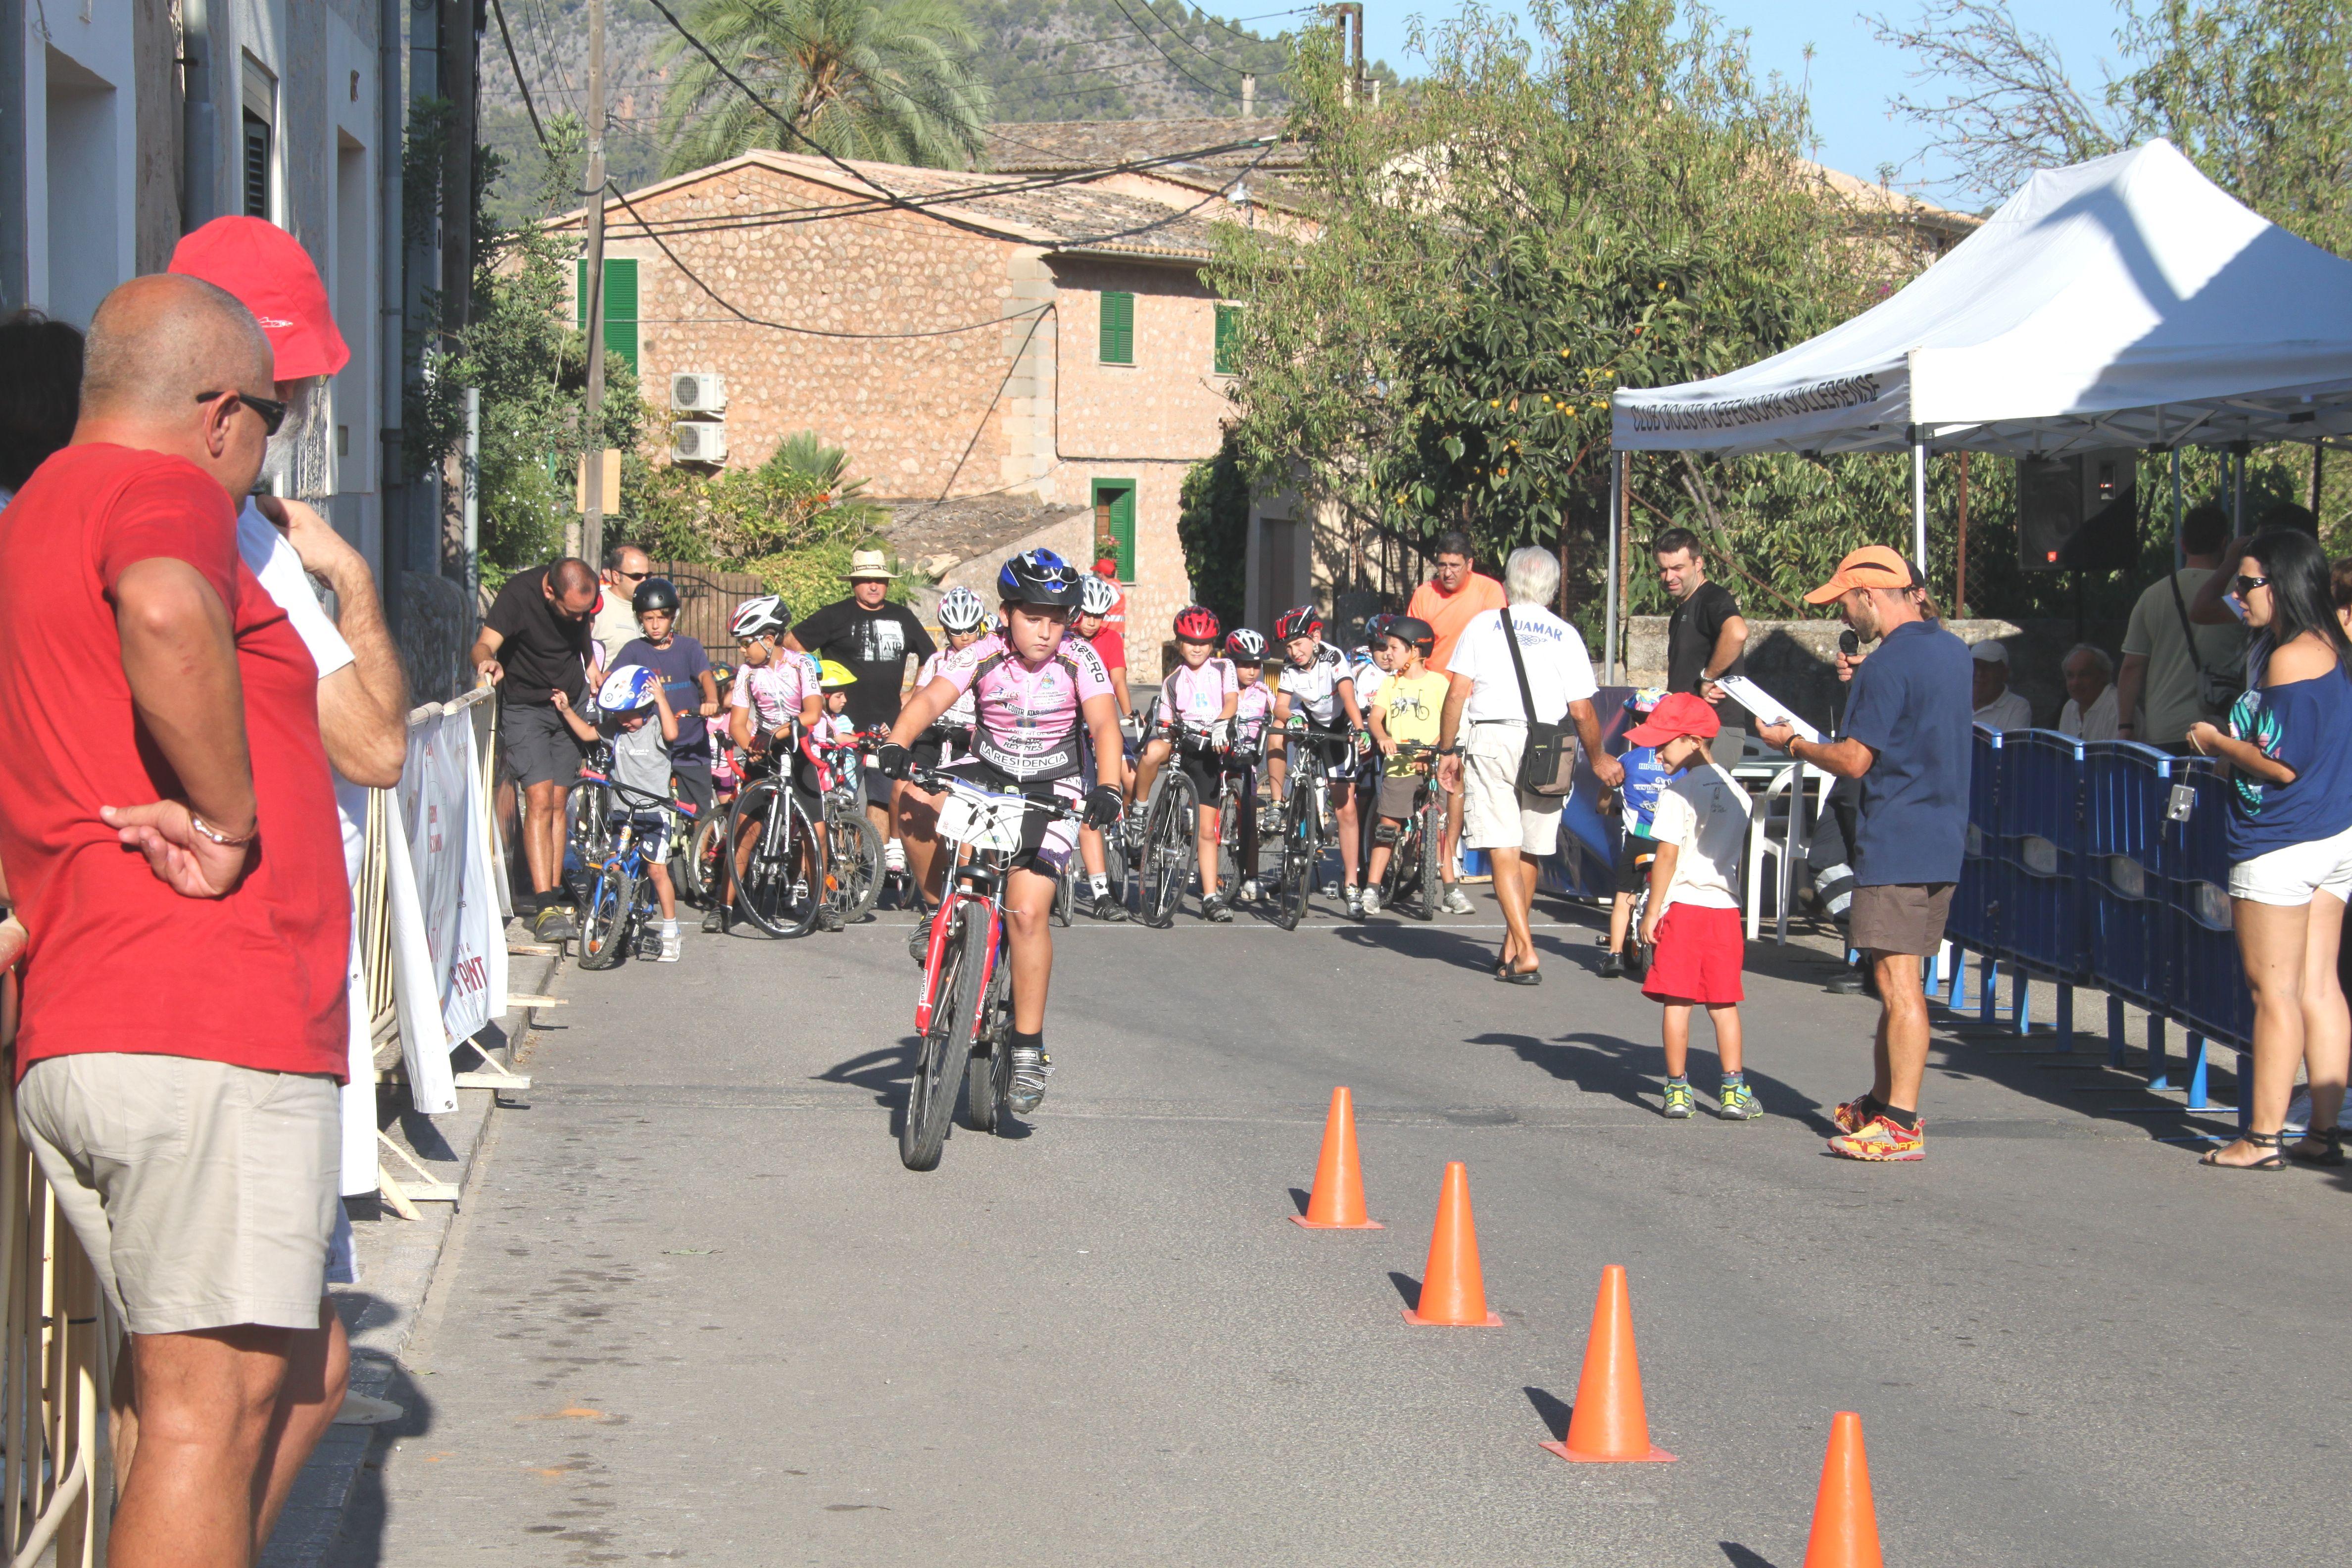 Els jocs i proves d'habilitat, eix de la Primera Diada Ciclista de Mallorca.-